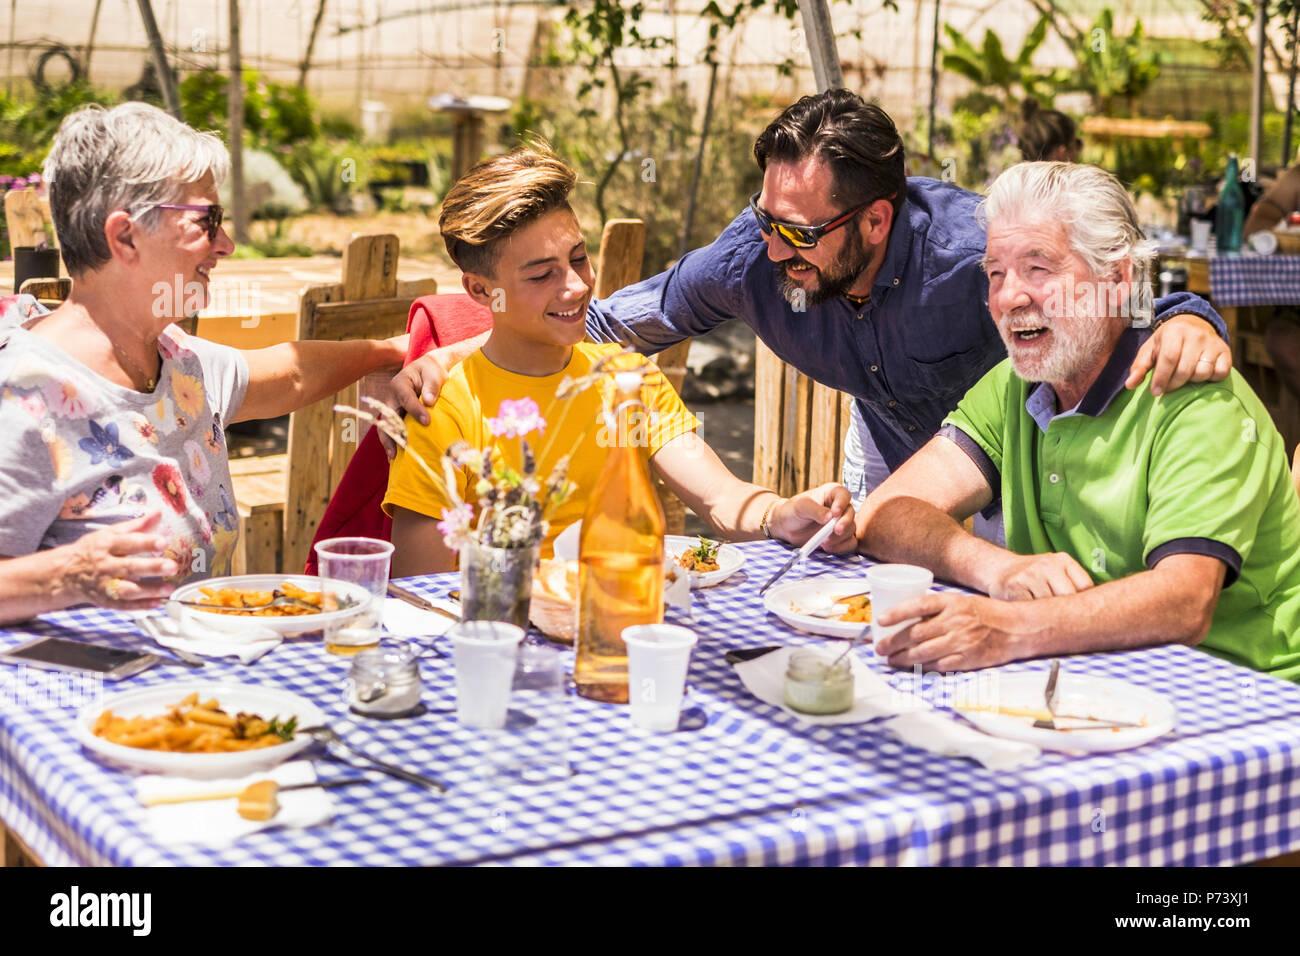 Famiglia popolazione caucasica a pranzo in alternativa naturale ristorante tutti insieme con gioia e divertimento. sorridere e ridere tre generazioni diverse Immagini Stock